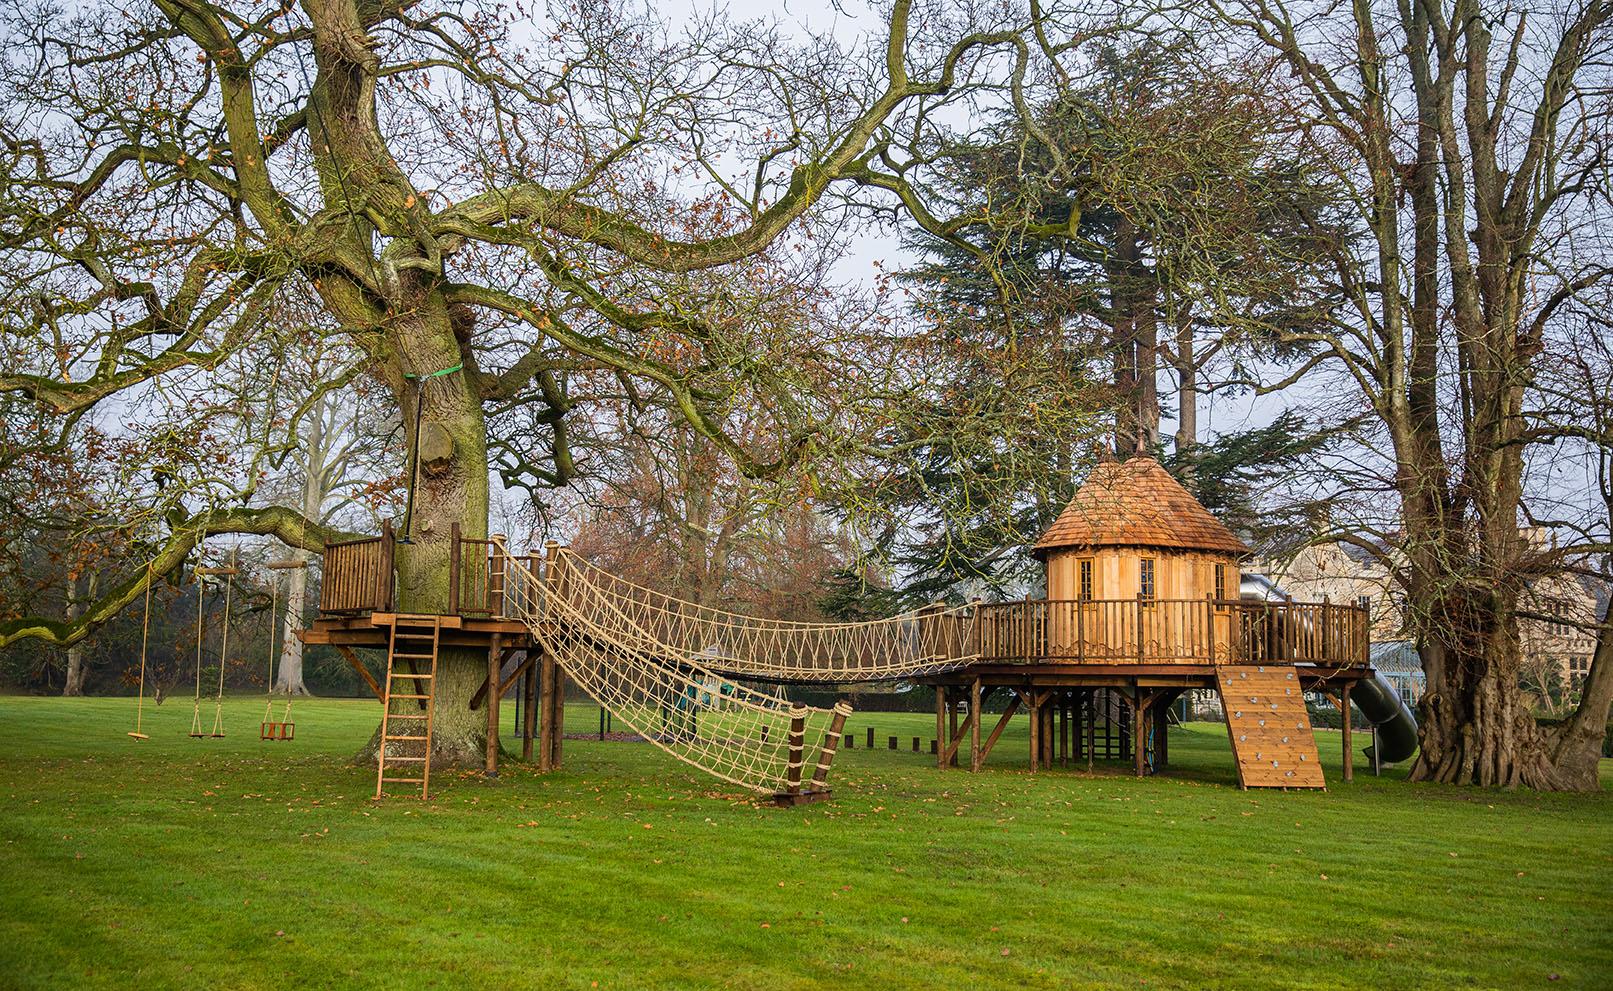 The Enchanted Garden Treehouse